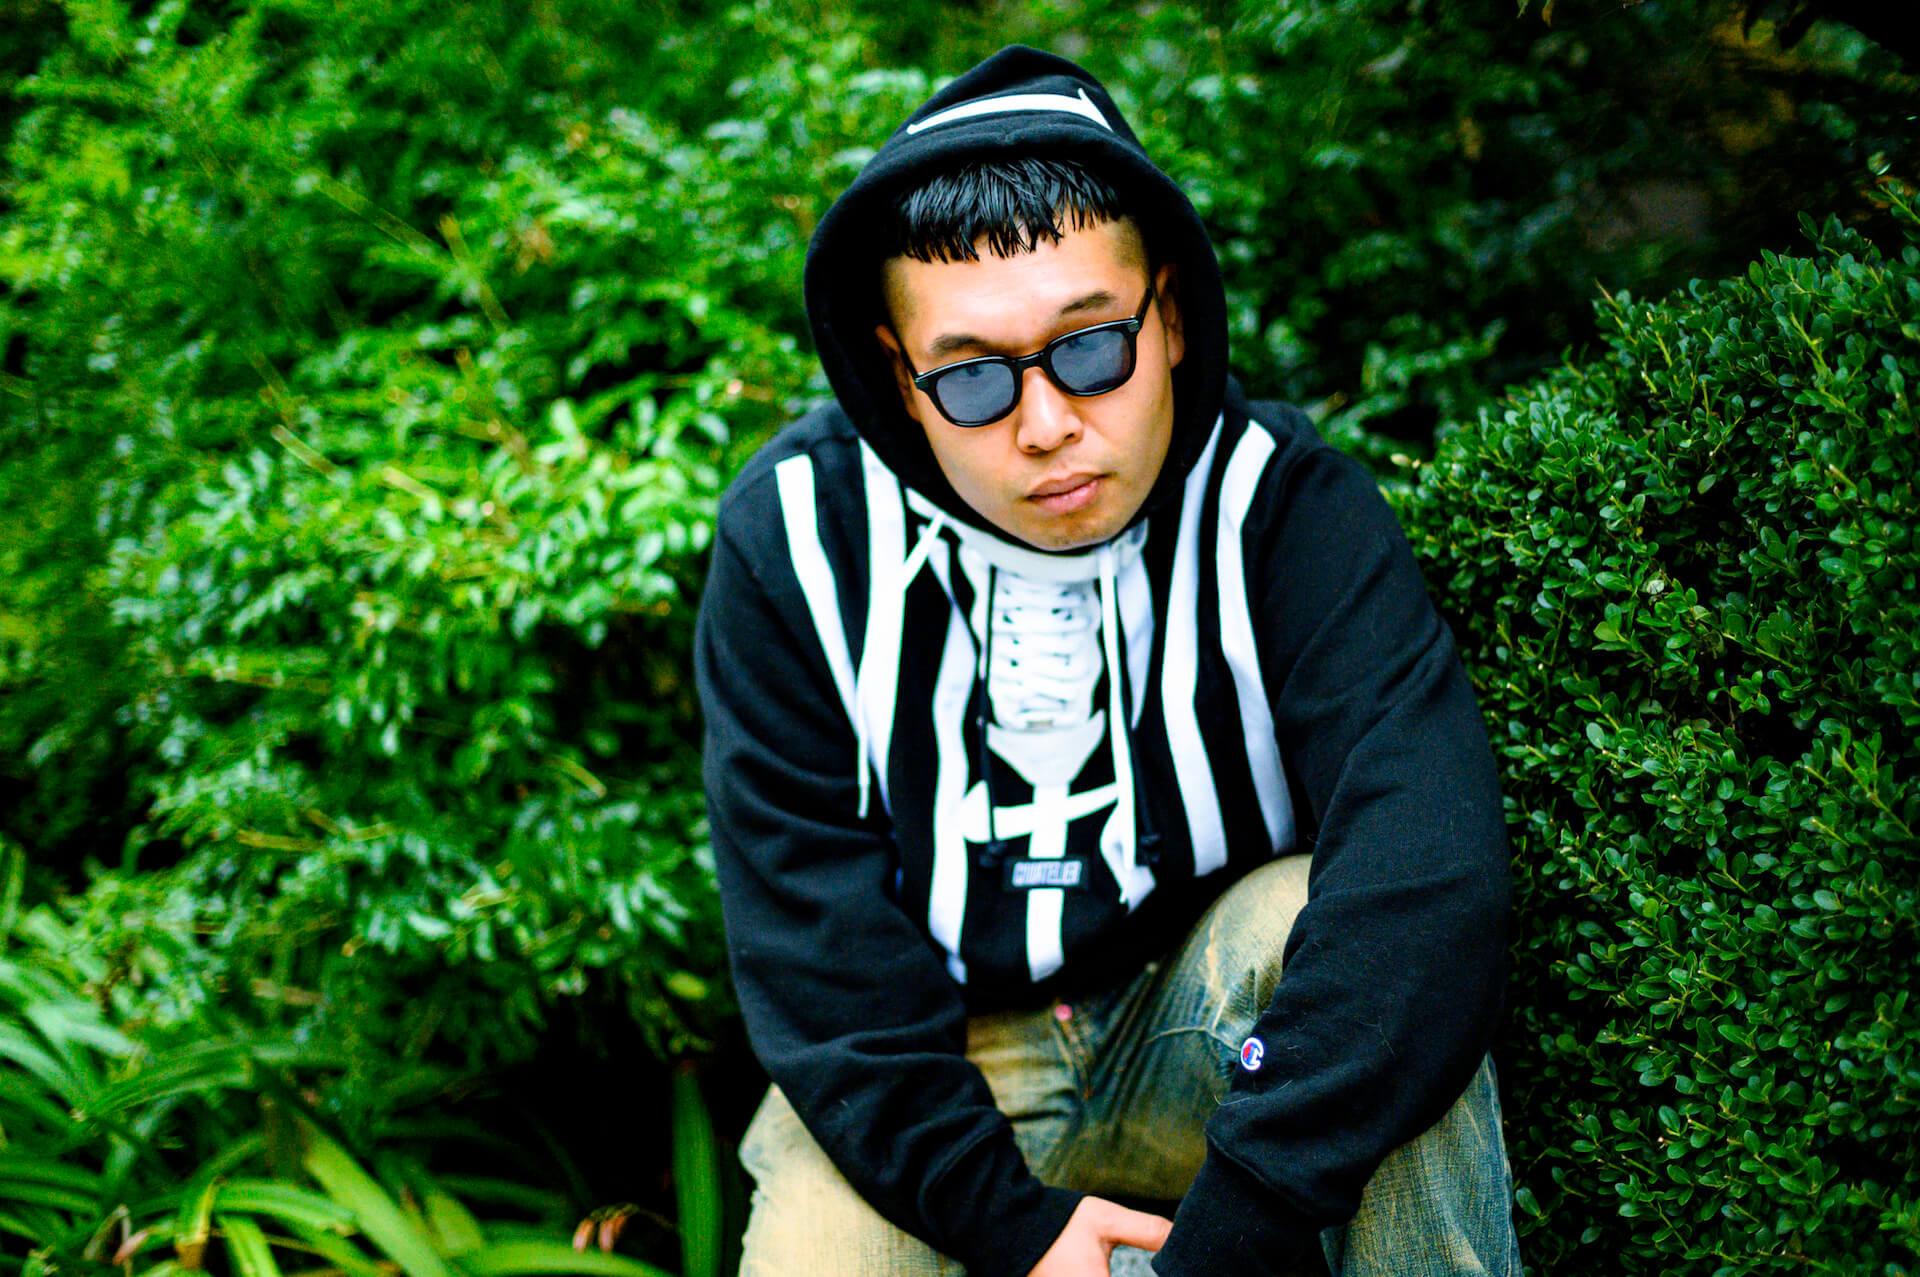 さらなる高みを目指すSANABAGUN.が4thアルバム『BALLADS』で求めた変化 interview-sanabagun-10